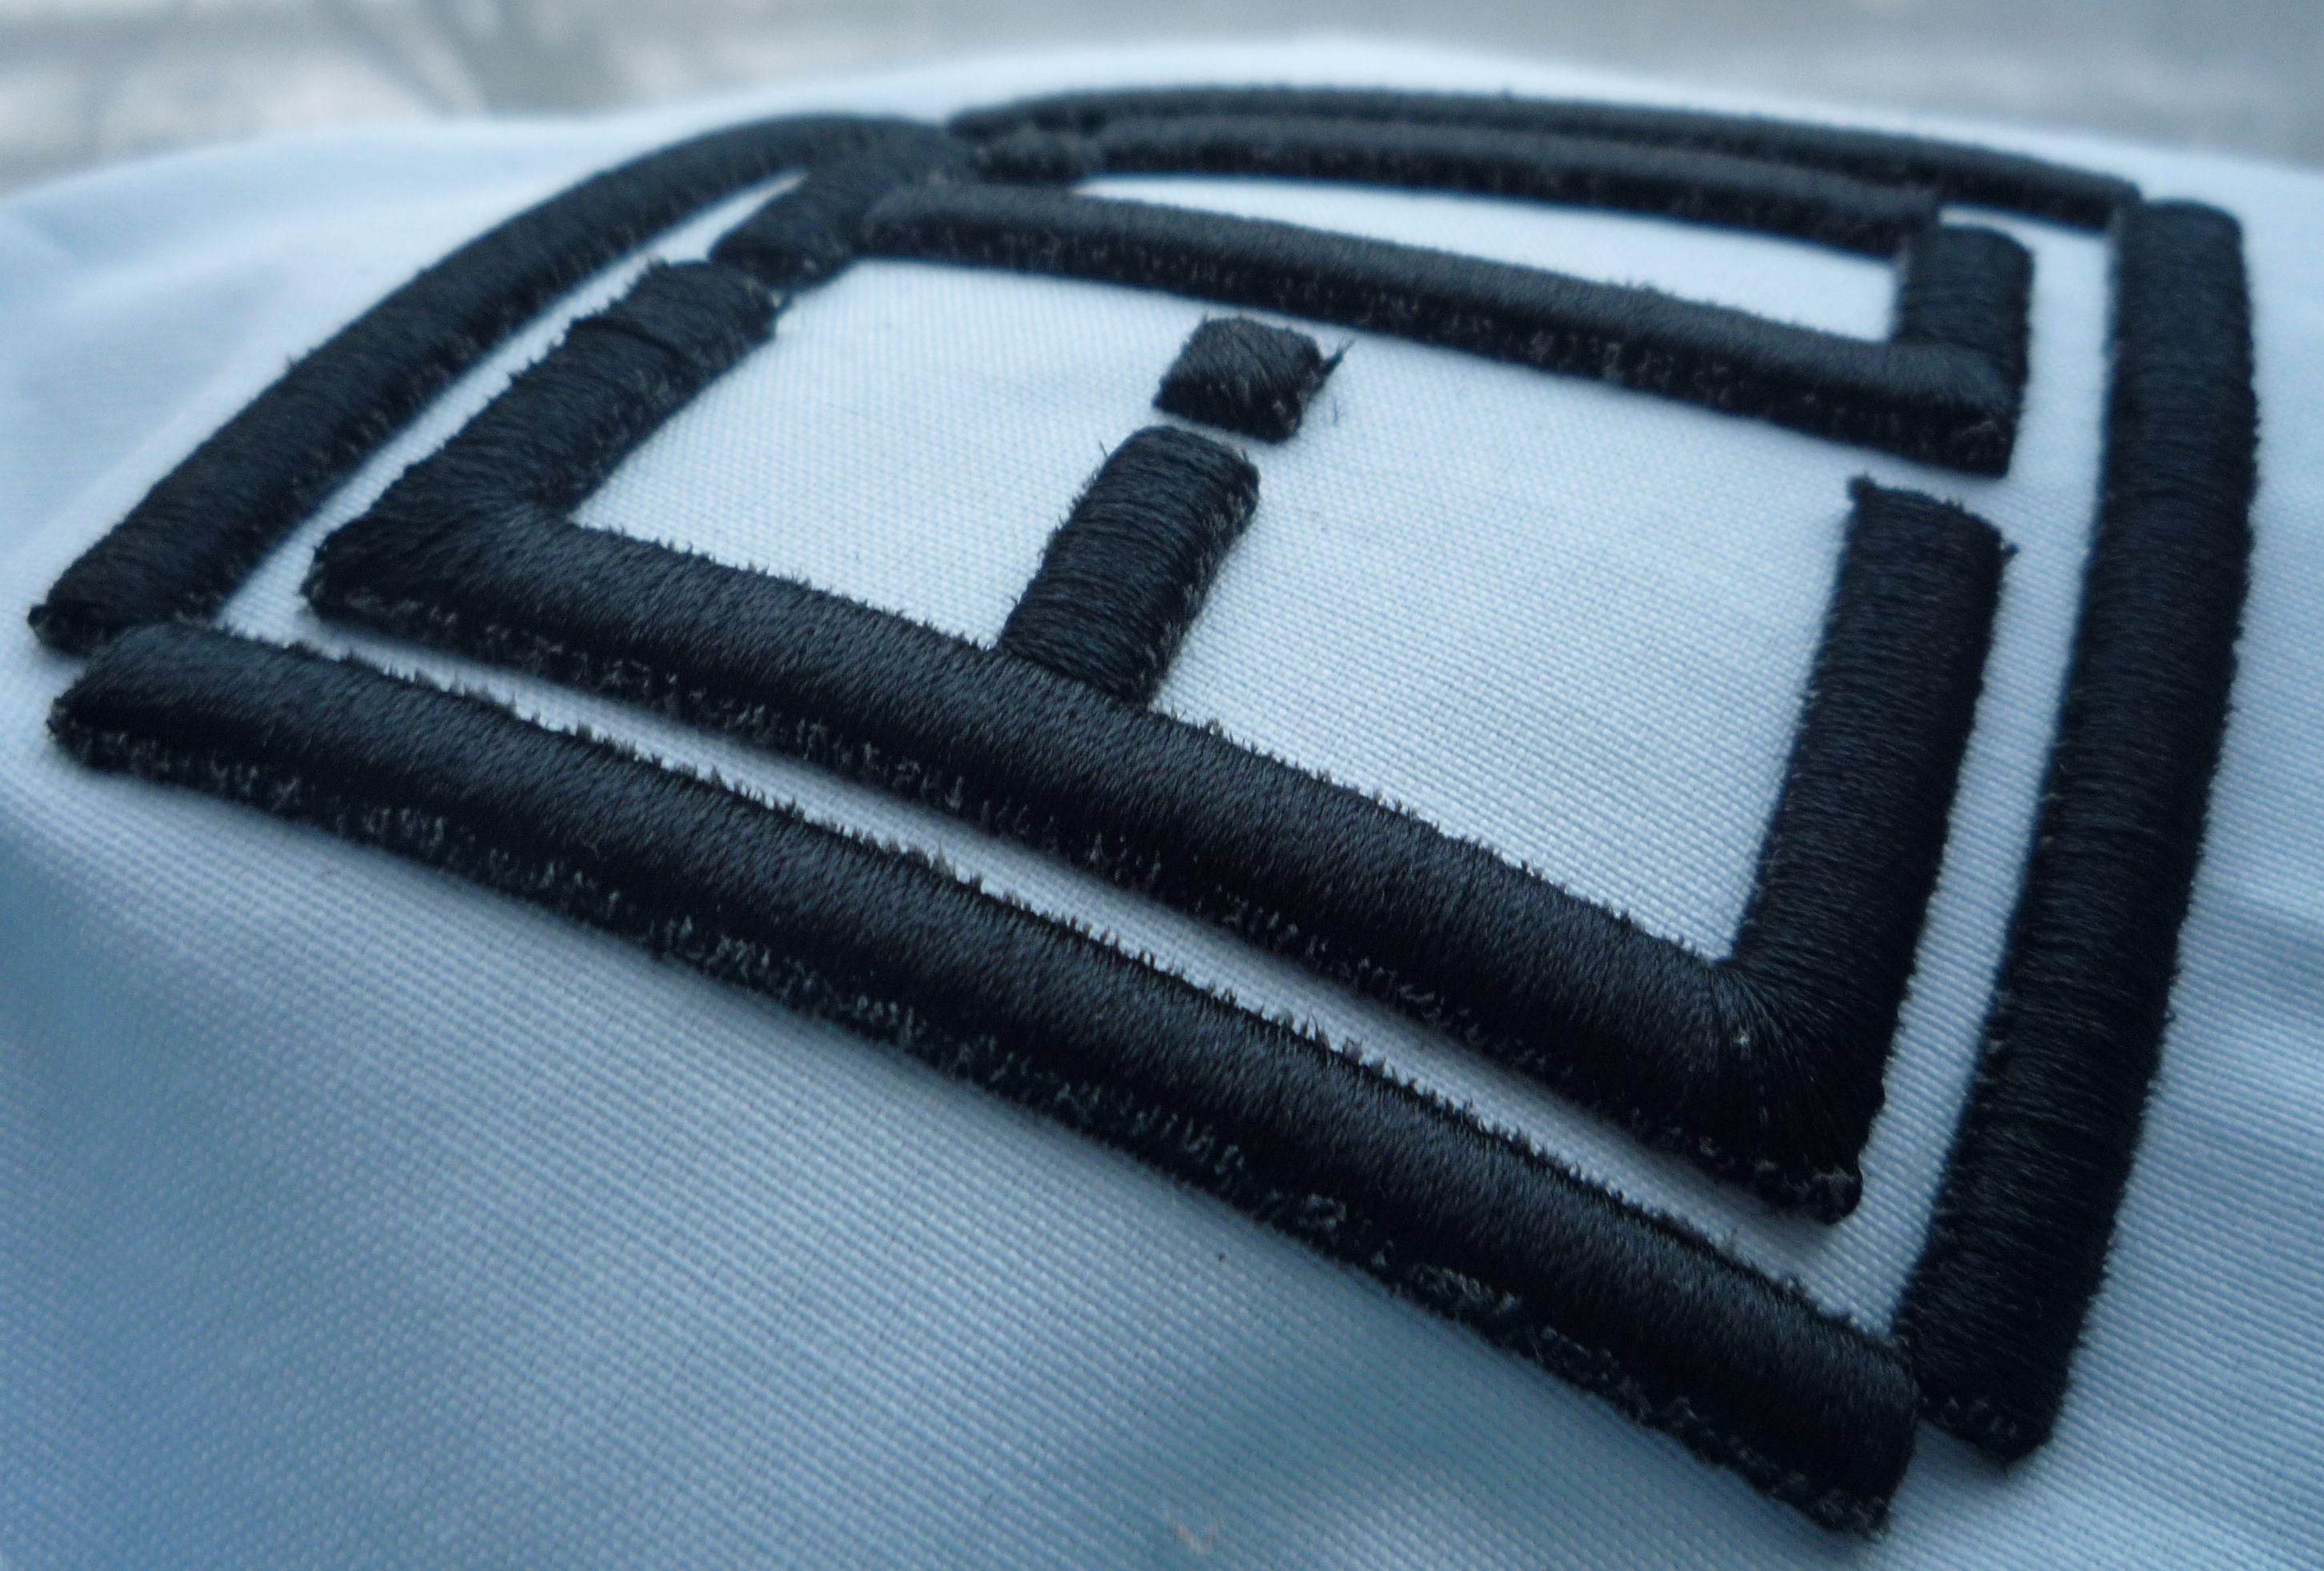 вышивка на твердом пуфе